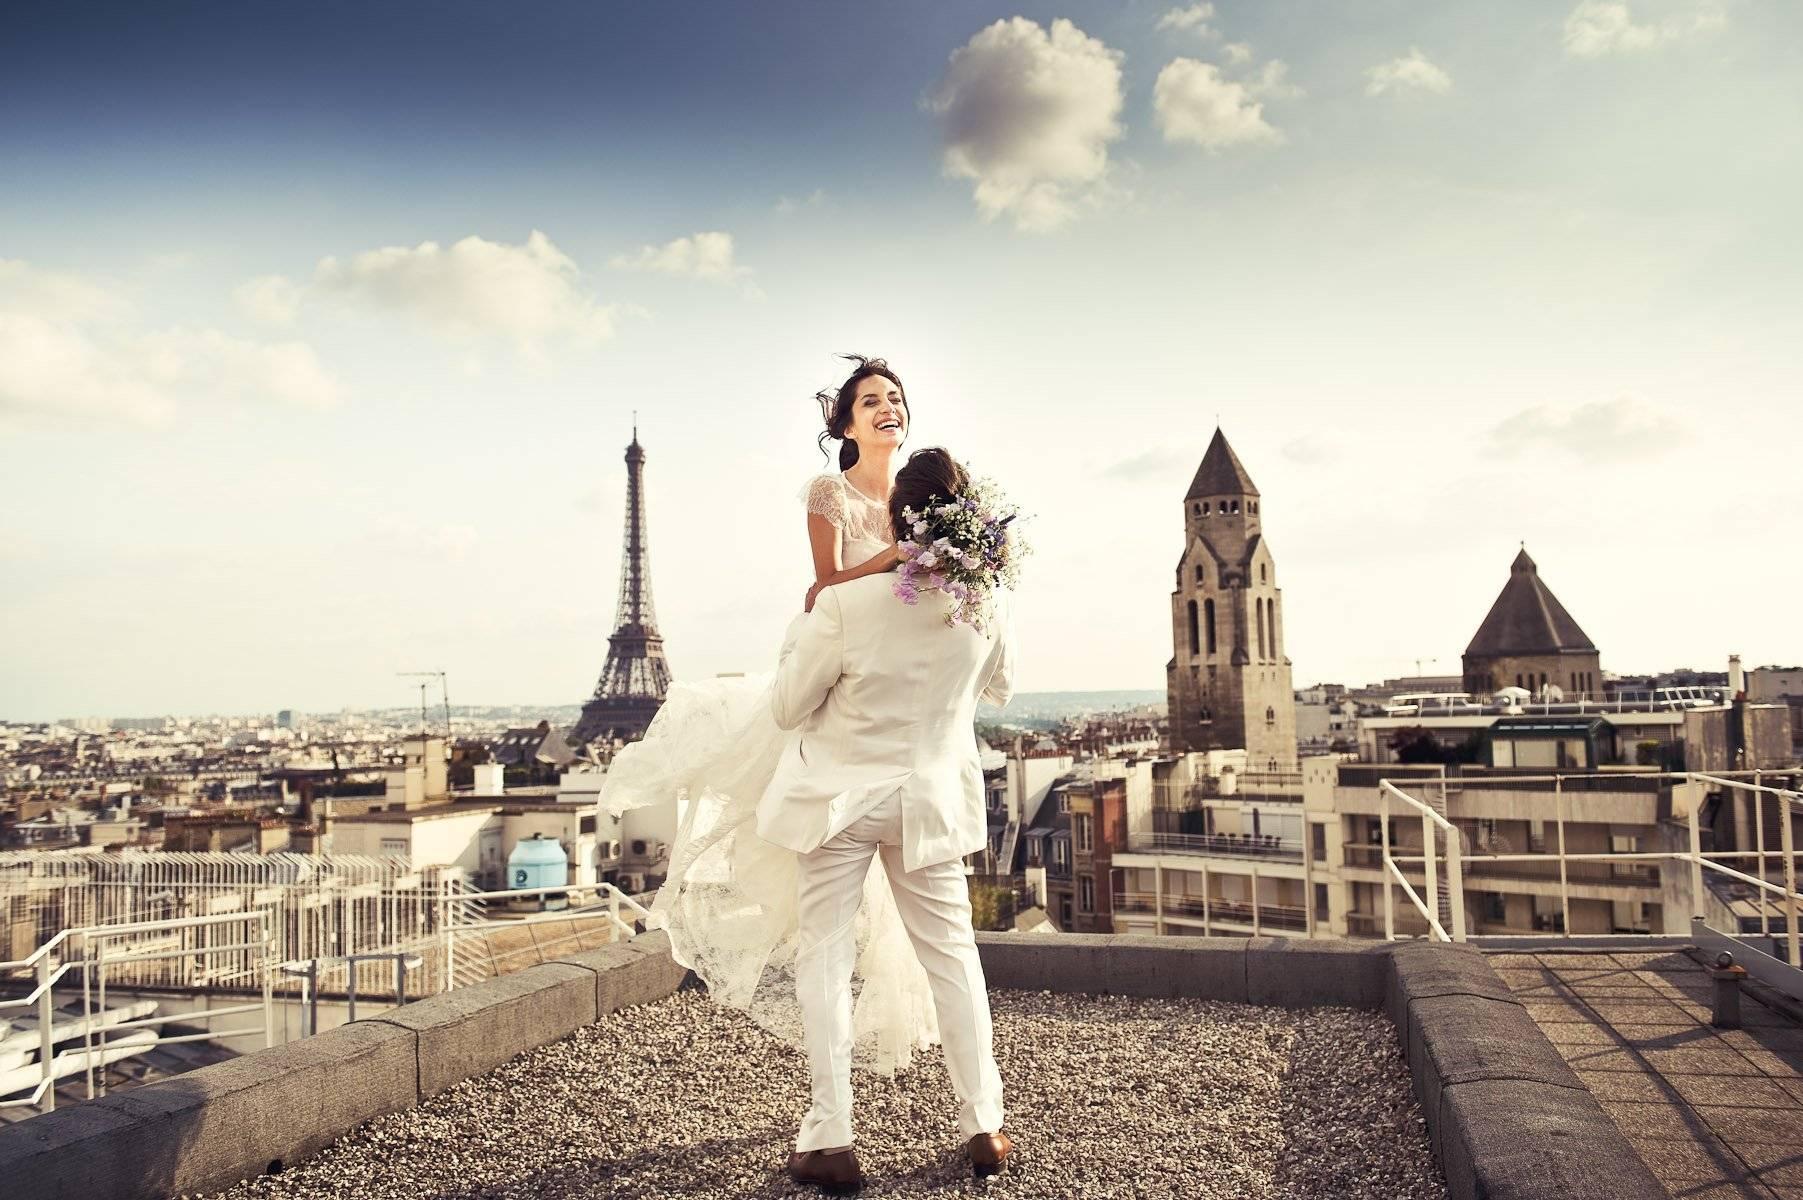 Свадьба в париже: фото и видео процесса, сценарий торжества и отзывы